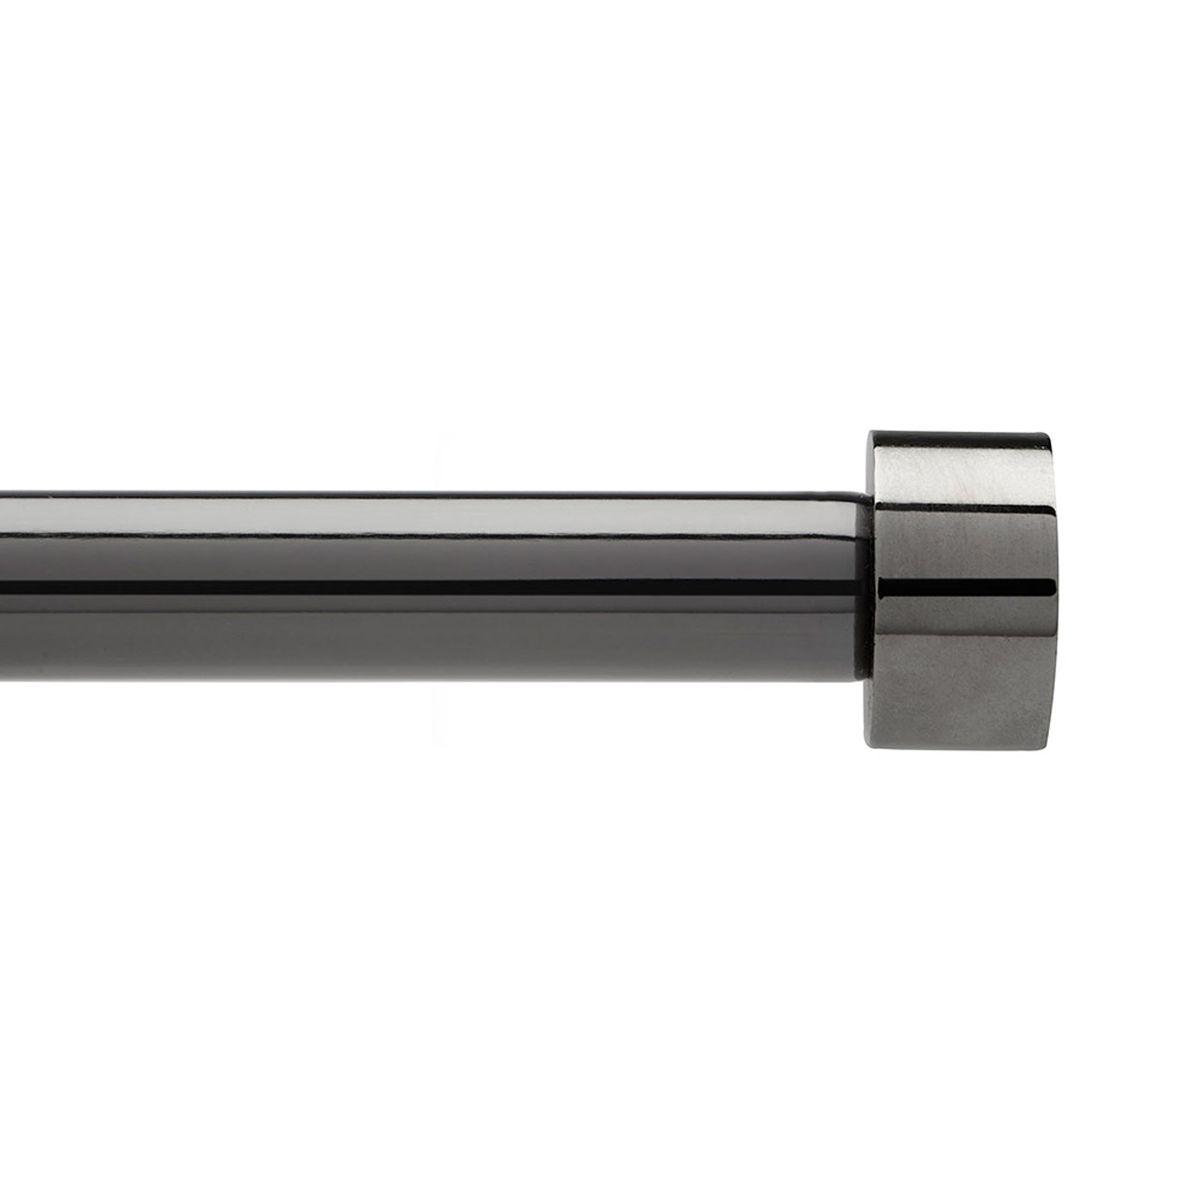 Карниз Umbra Cappa (91-183 см) титан. 244993-624244993-624Универсальный карниз для любого интерьера Cappa имеет телескопическую конструкцию, которая позволяет регулировать его длину, и металлические украшения в виде насадок по краям. Диаметр 1,9 см. Крепления идут в комплекте.